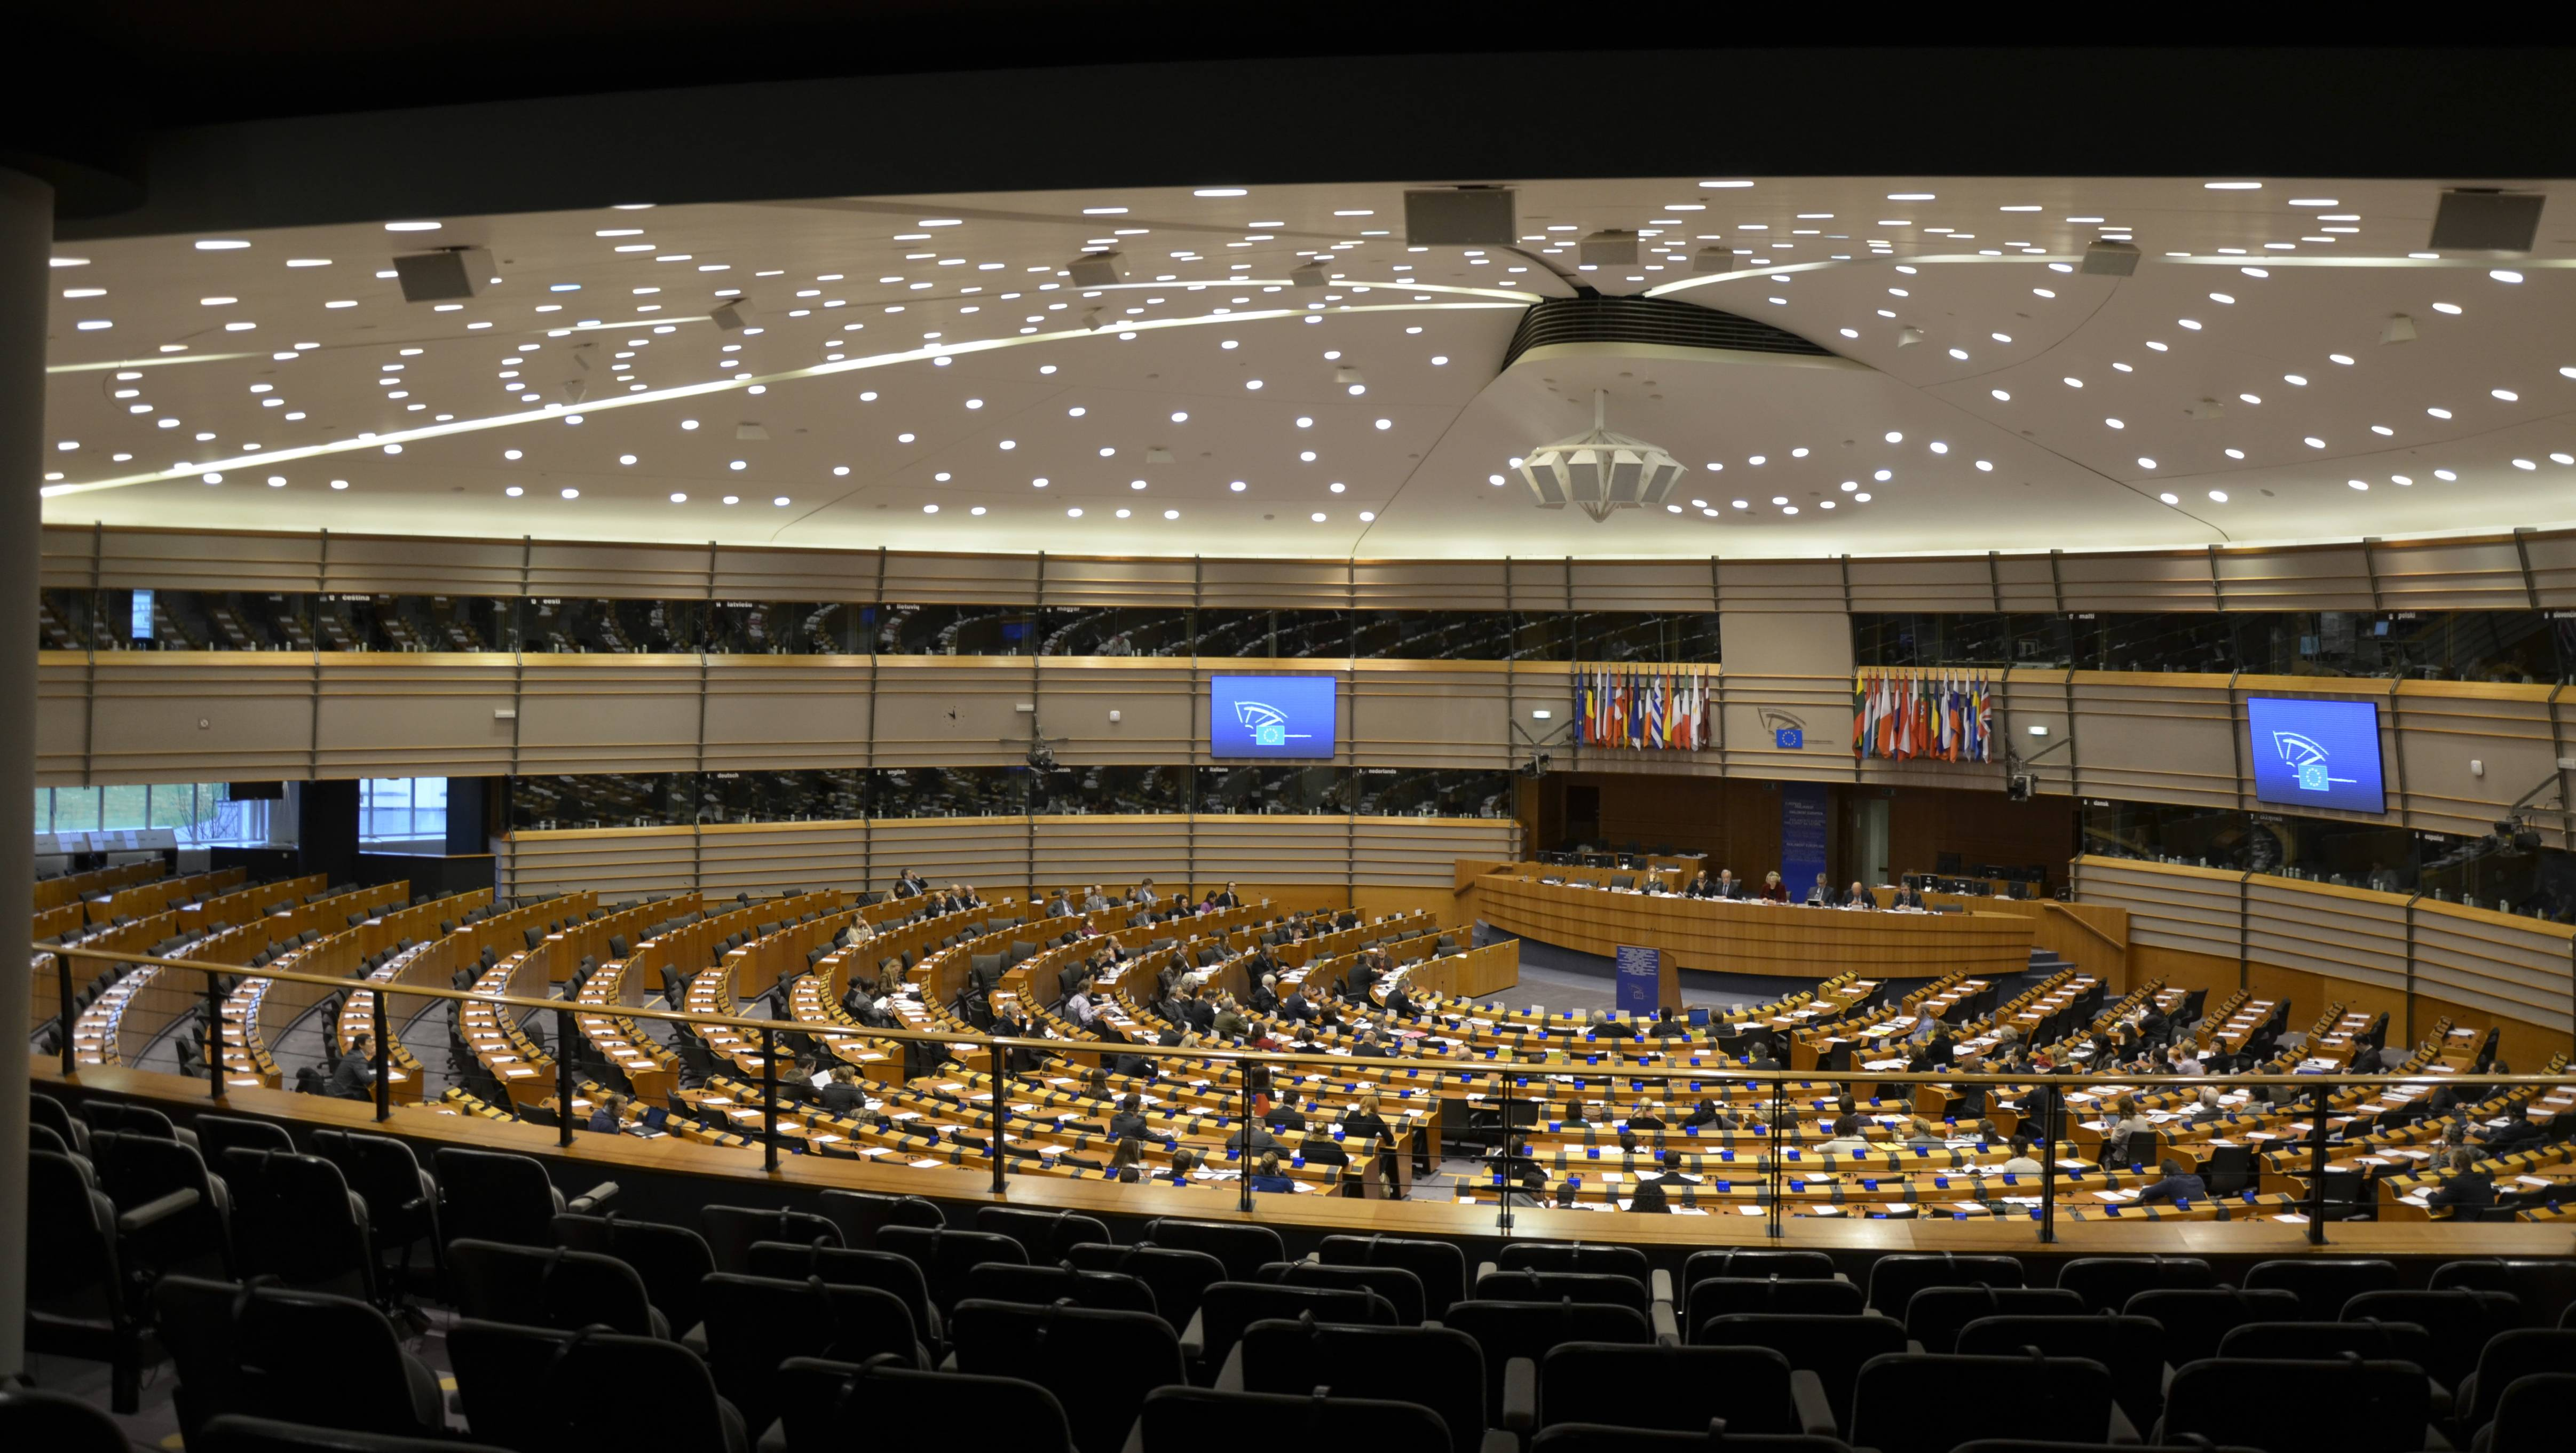 Photo 1: Visiter le Parlement européen